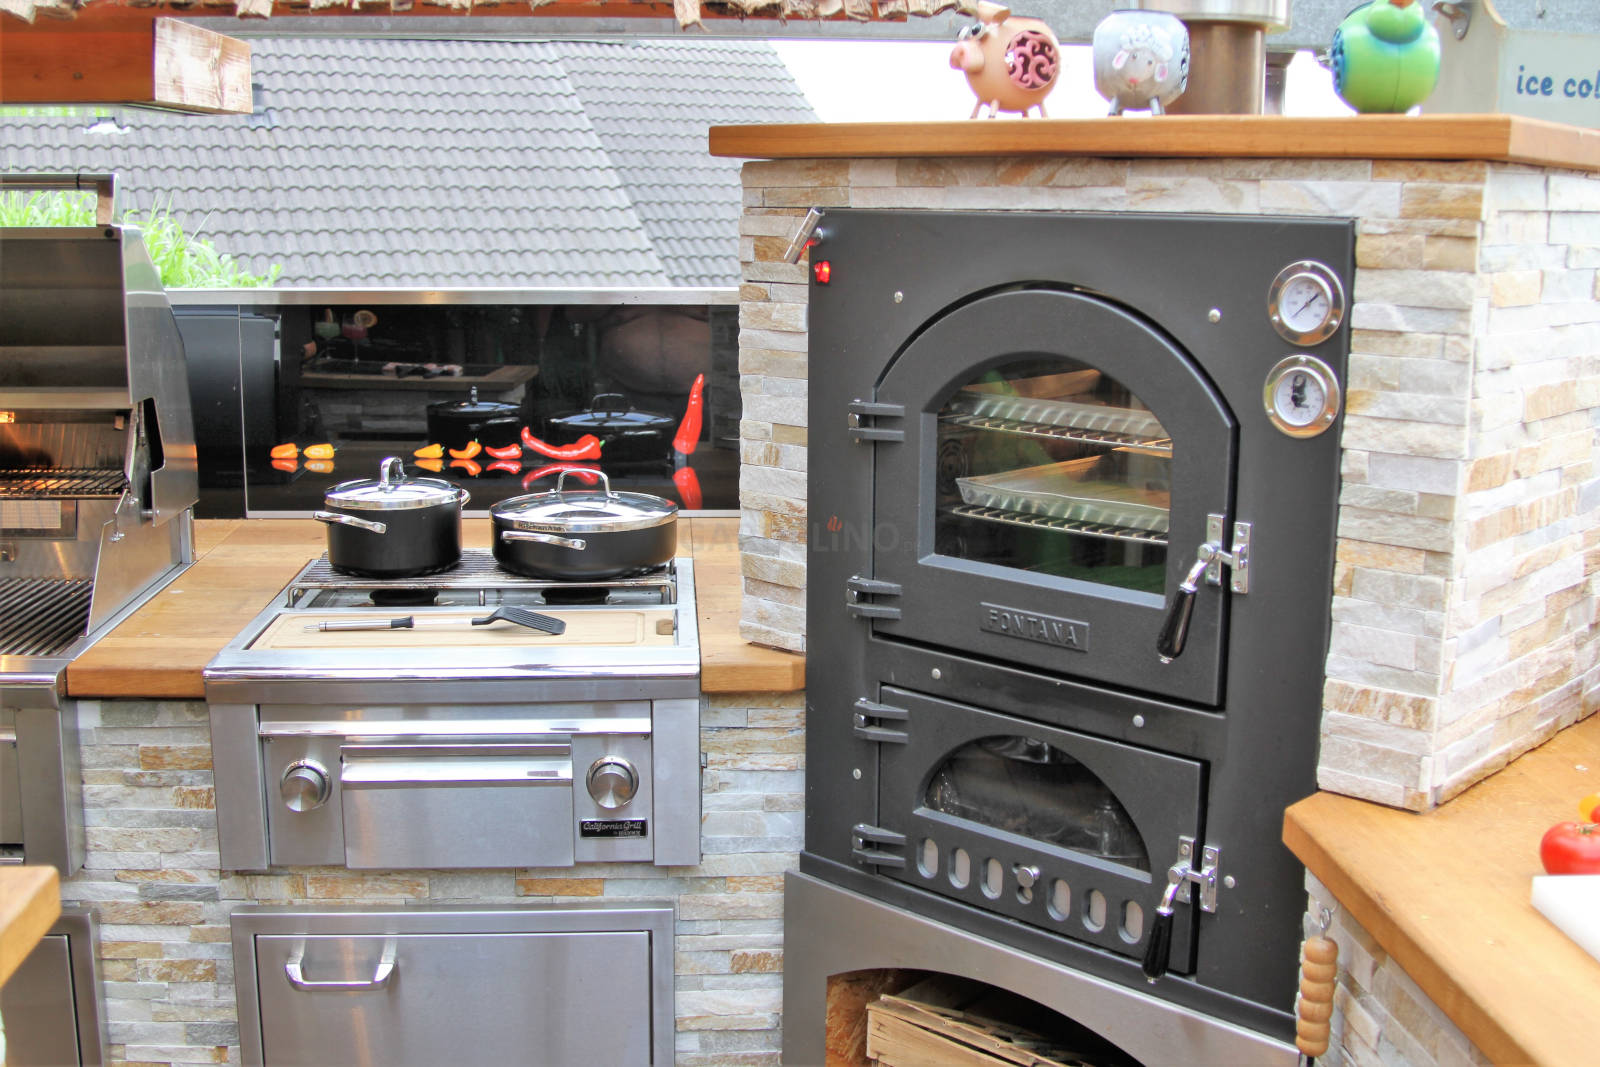 Outdoorküche Bausatz Erfahrung : Pizzaofen bausatz für den garten und die outdoor küche